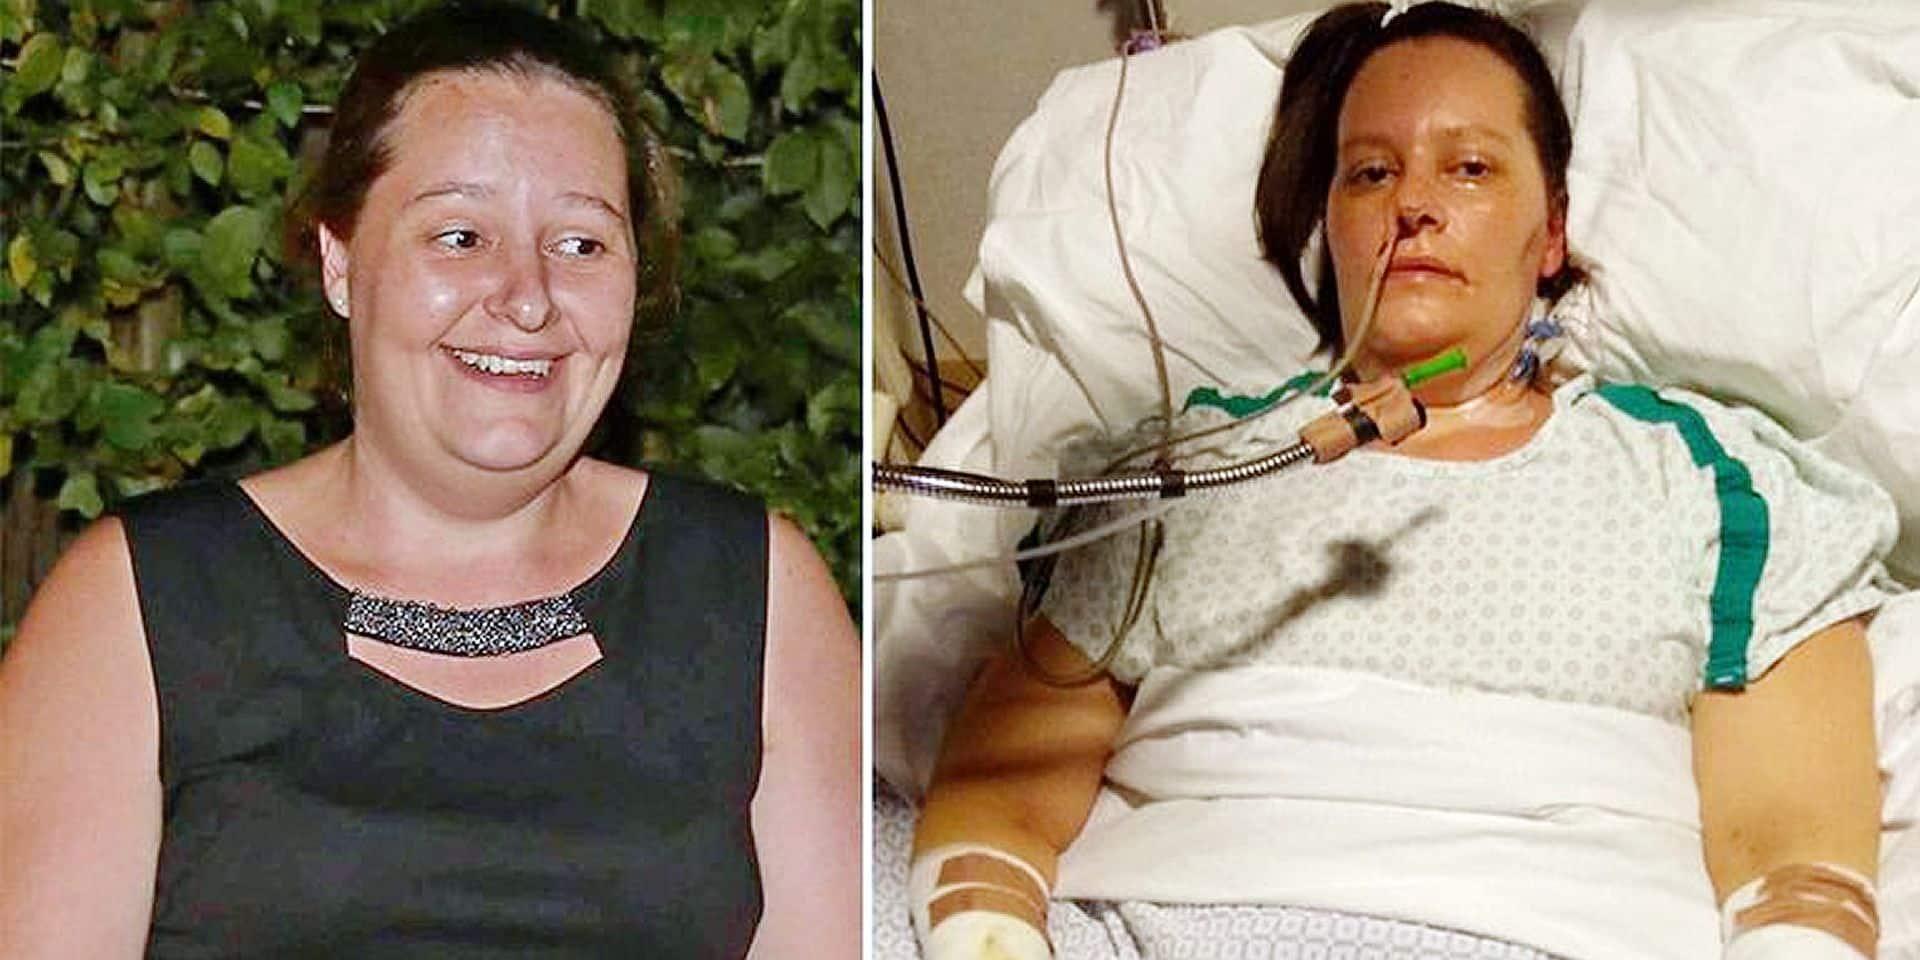 Tara, victime d'une bactérie carnivore, a été amputée